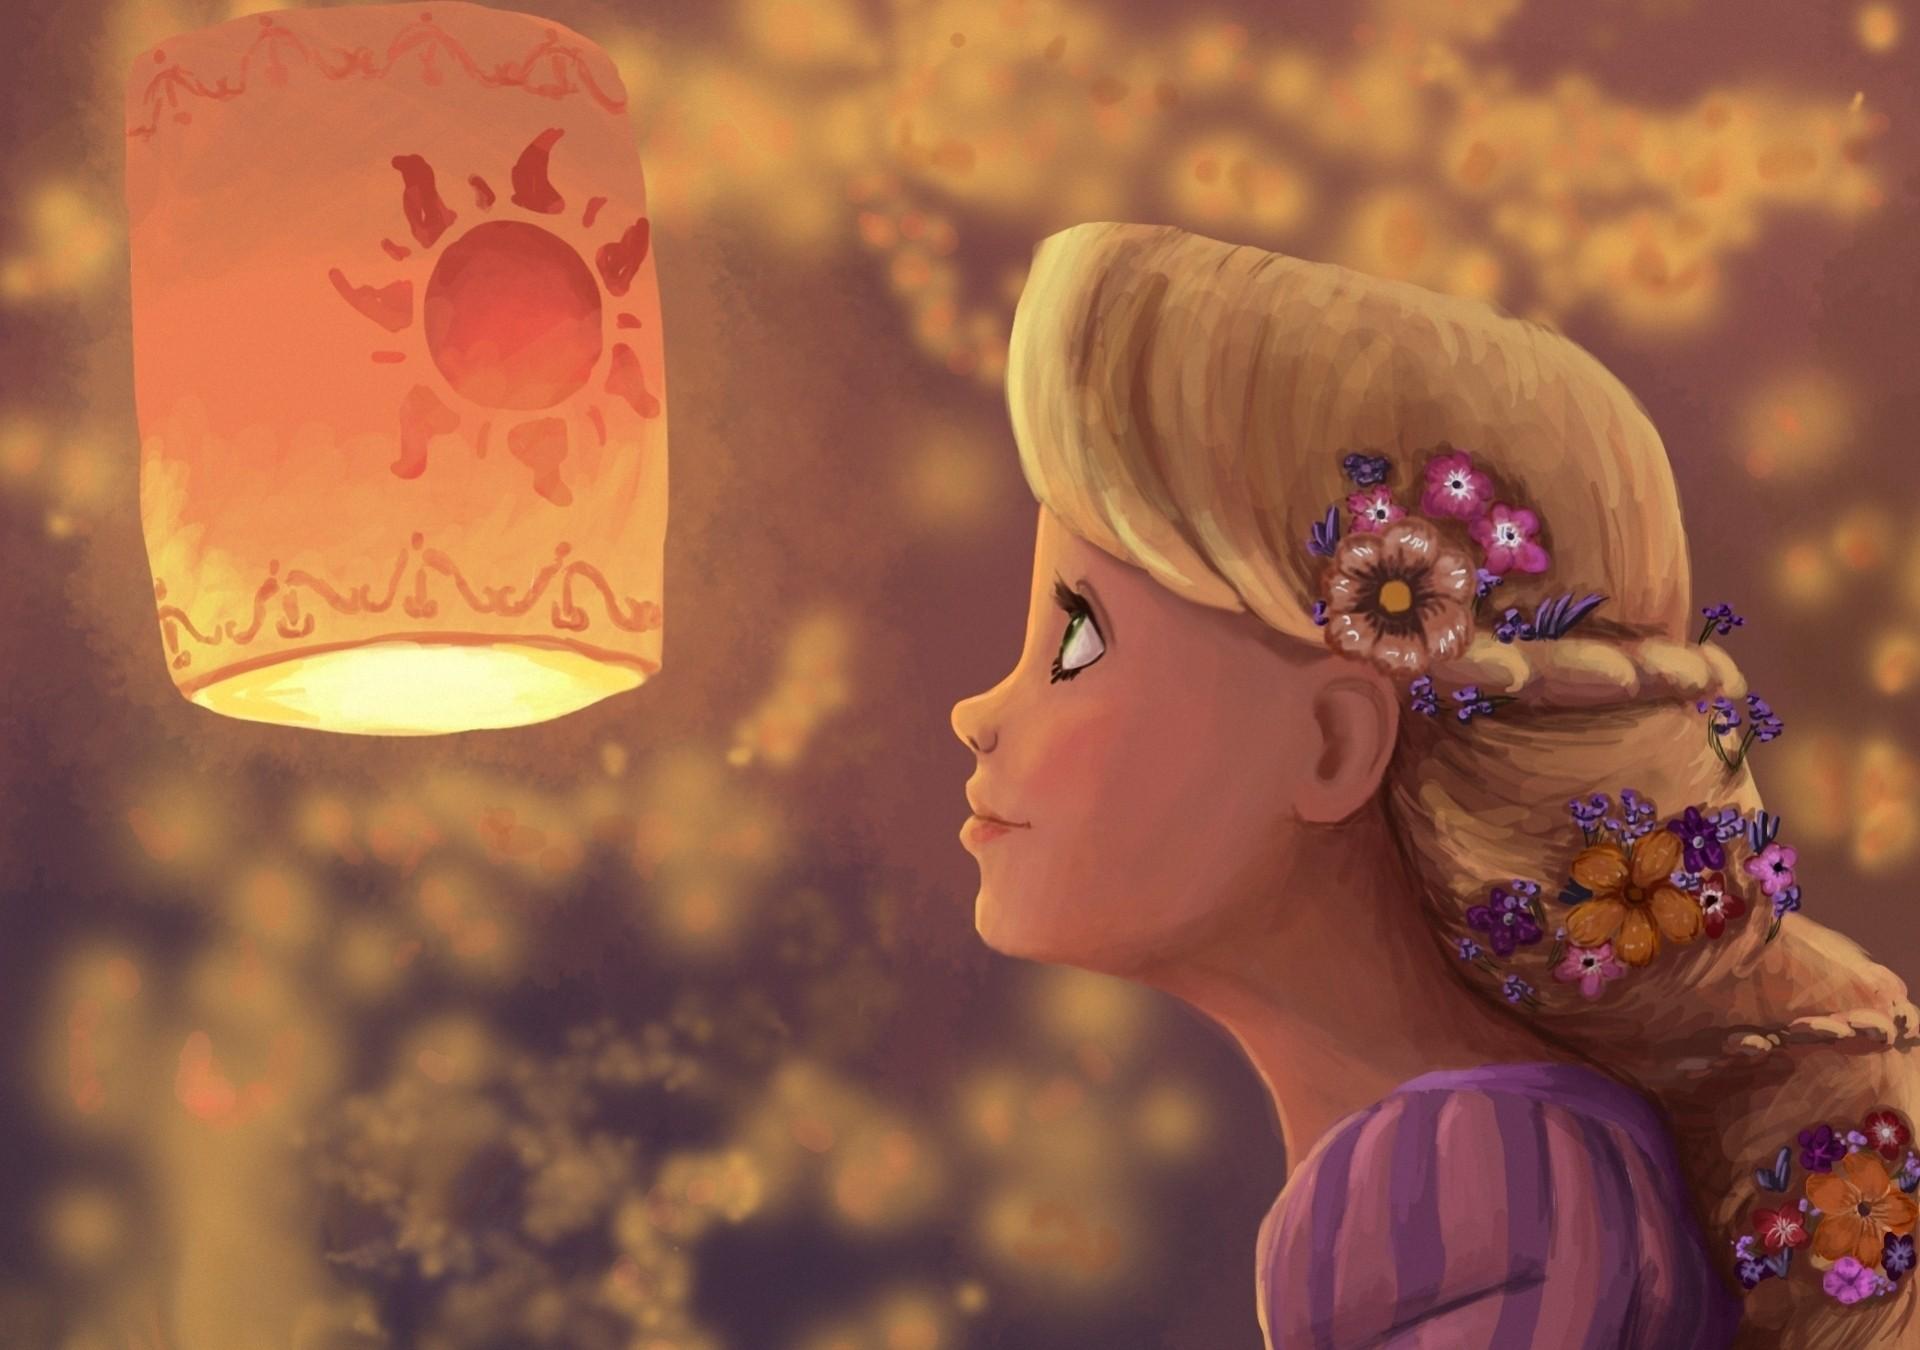 Принцесса под небесными фонариками  № 2222739 бесплатно